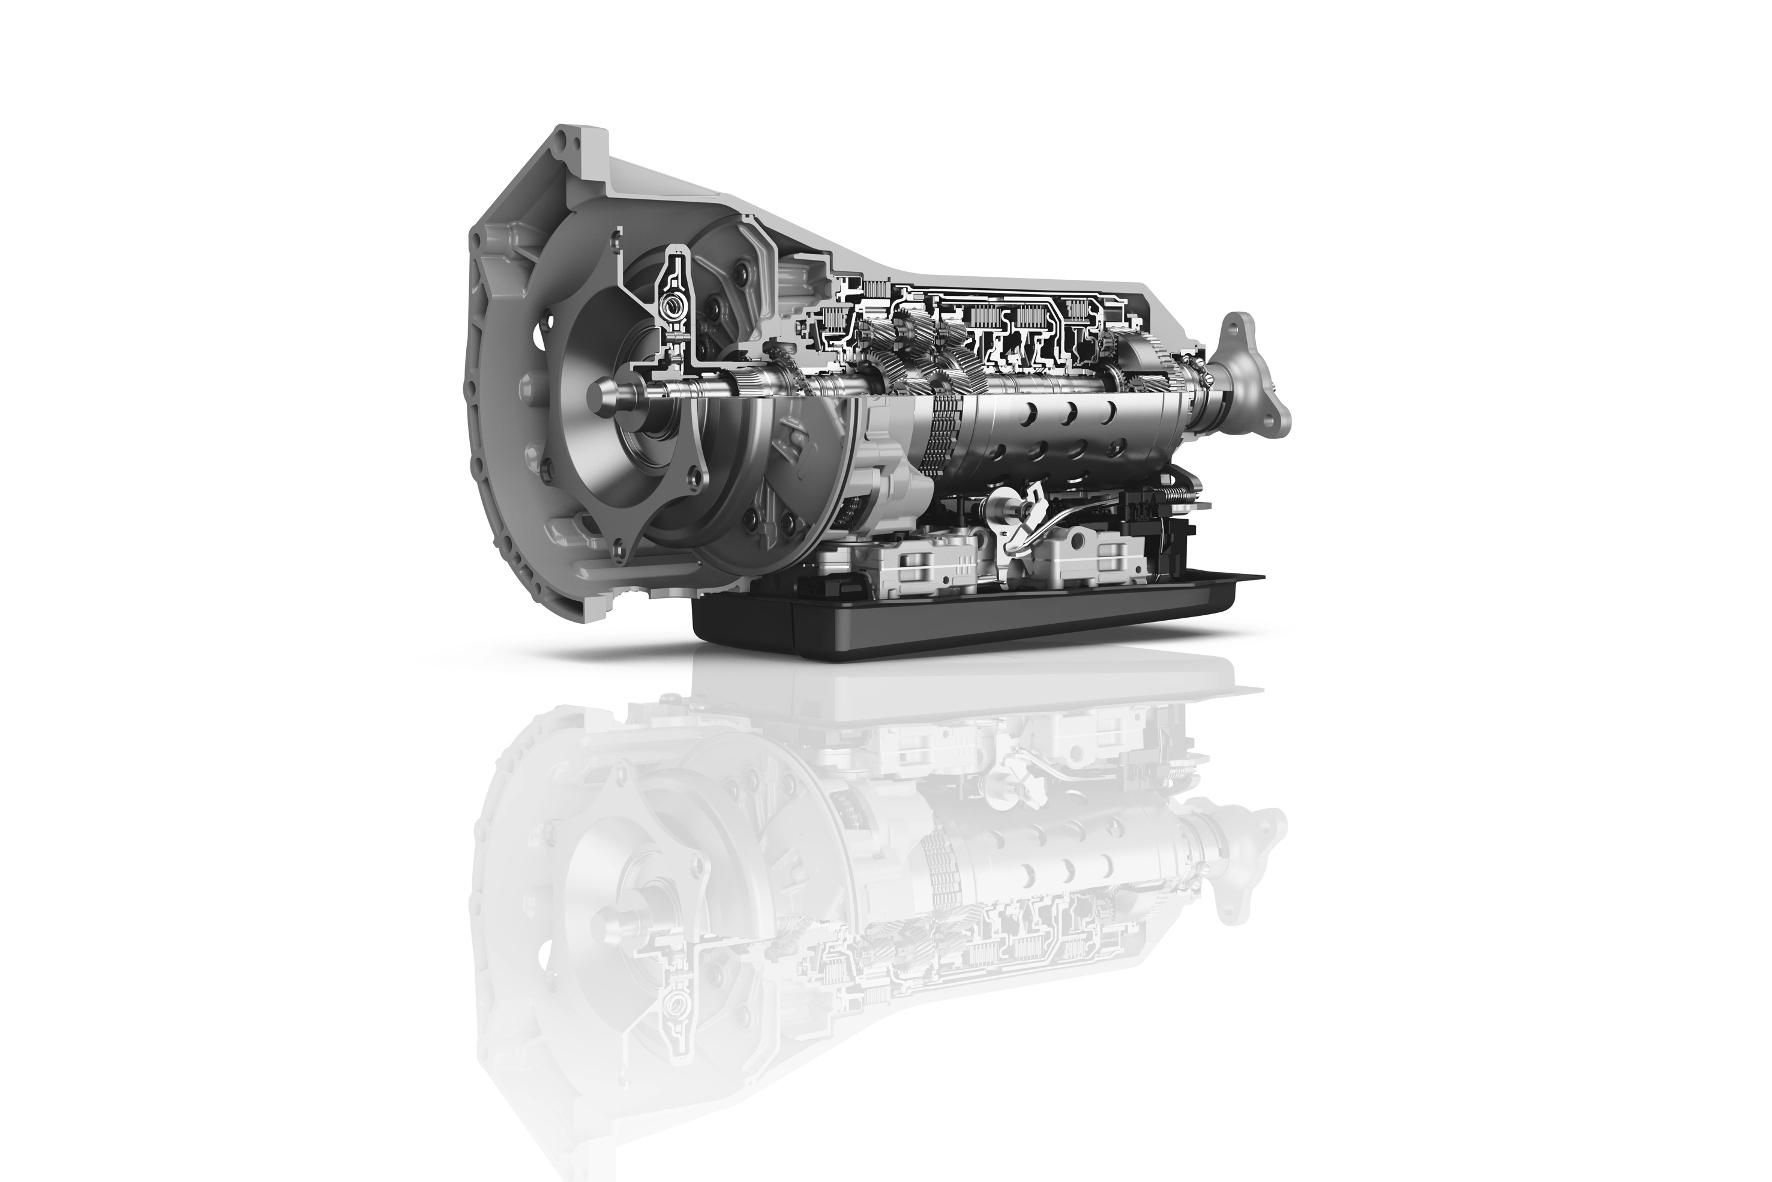 mid Friedrichshafen - Seit der Saison 2014 hat das ZF-Automatikgetriebe 8HP im BMW M235i Racing Cup seine Qualitäten bewiesen. Nun präsentiert ZF die nächste Baustufe – das Rennsportgetriebe 8P45R.